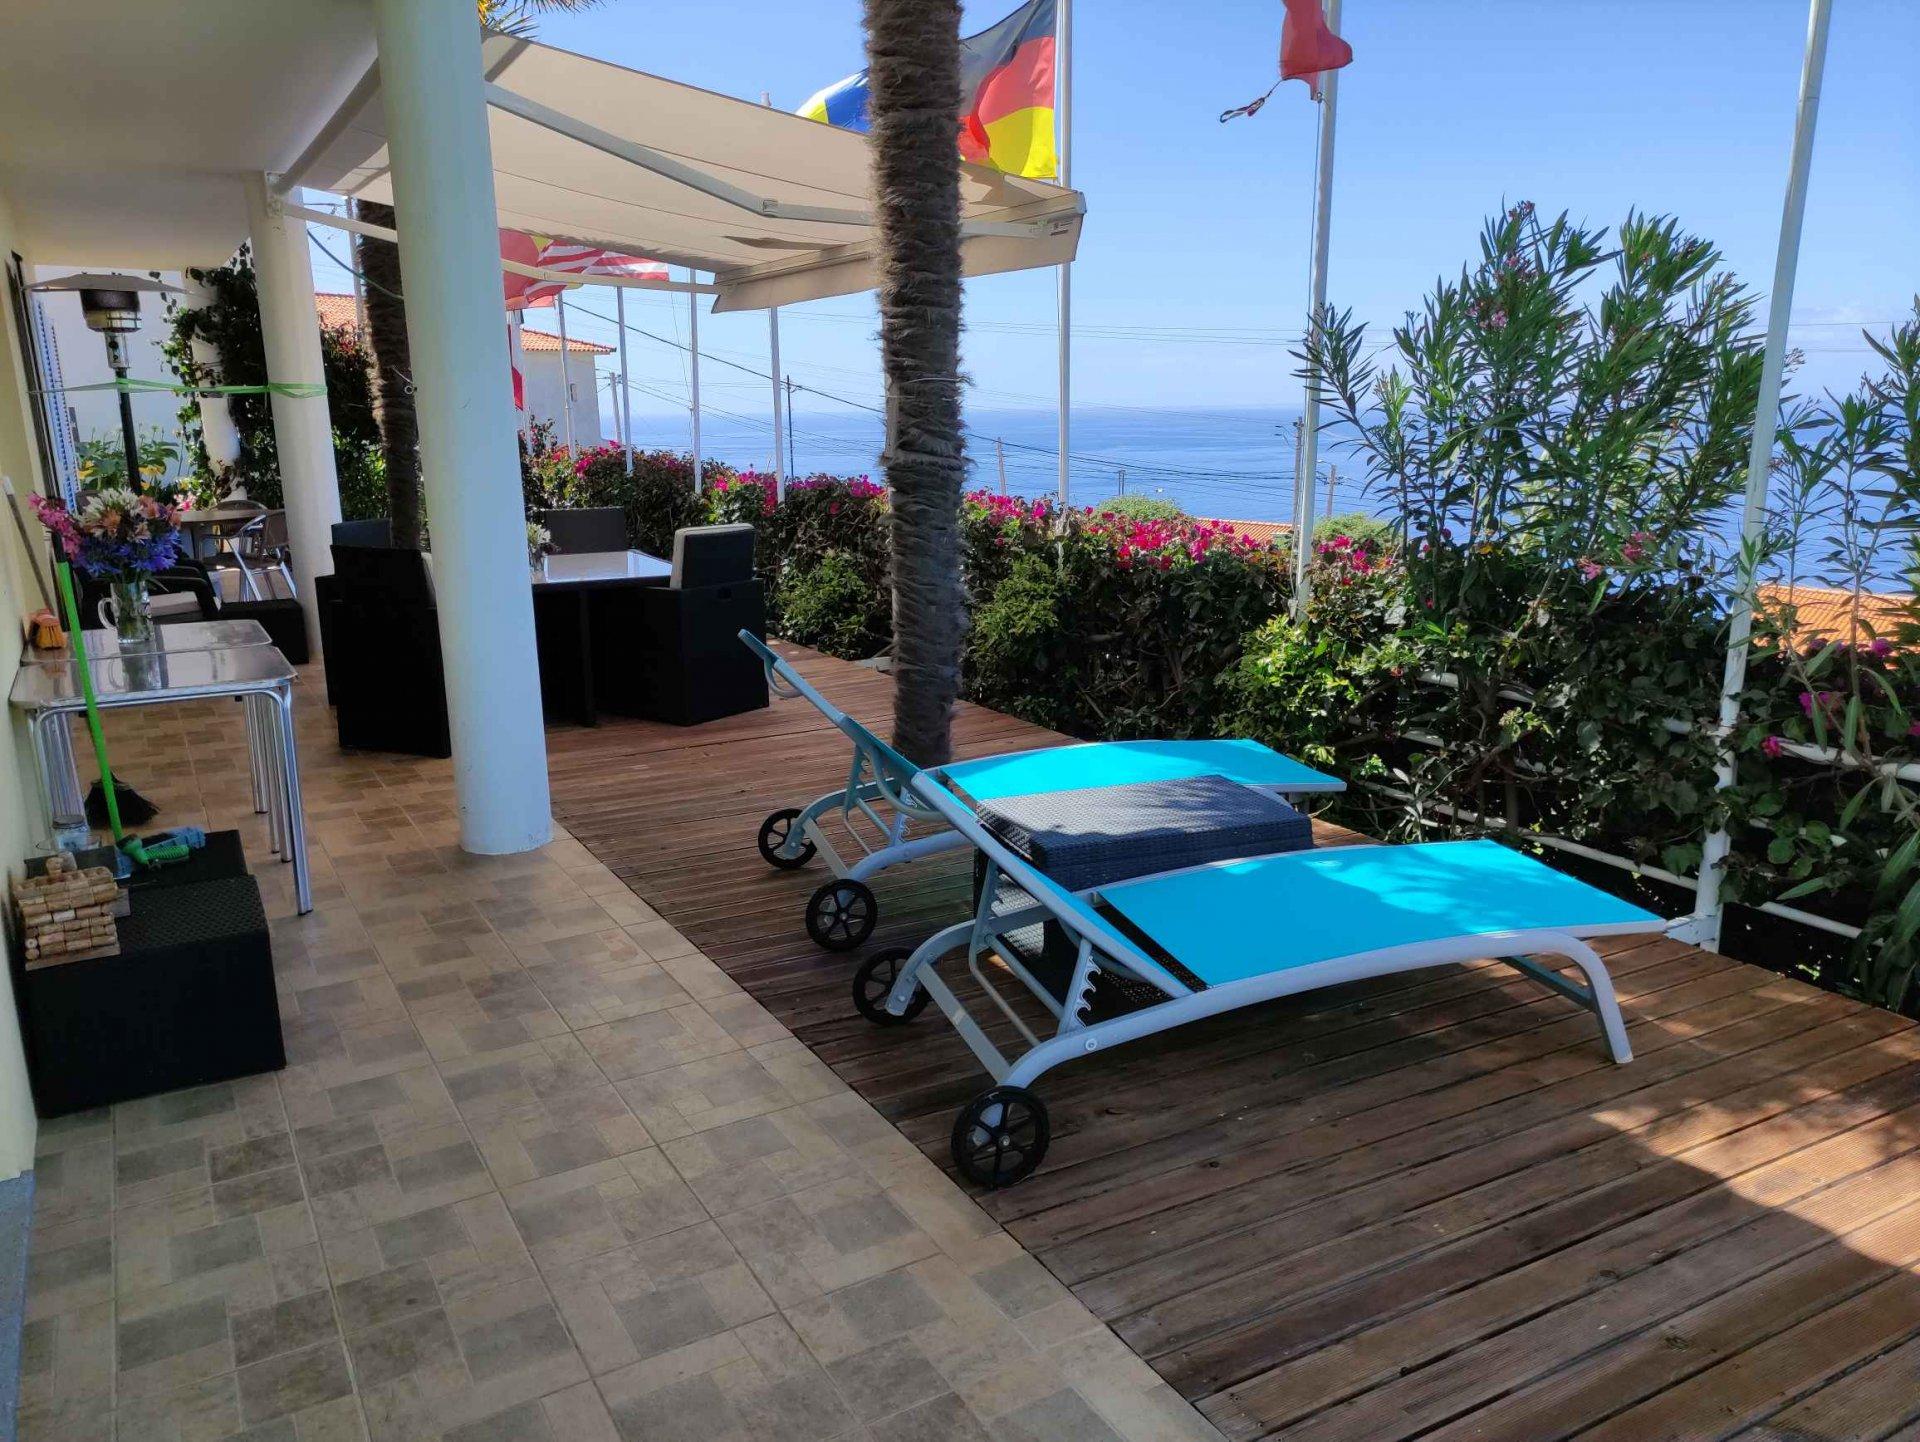 Magnifique villa contemporaine avec piscine et vue panoramique sur l'océan.